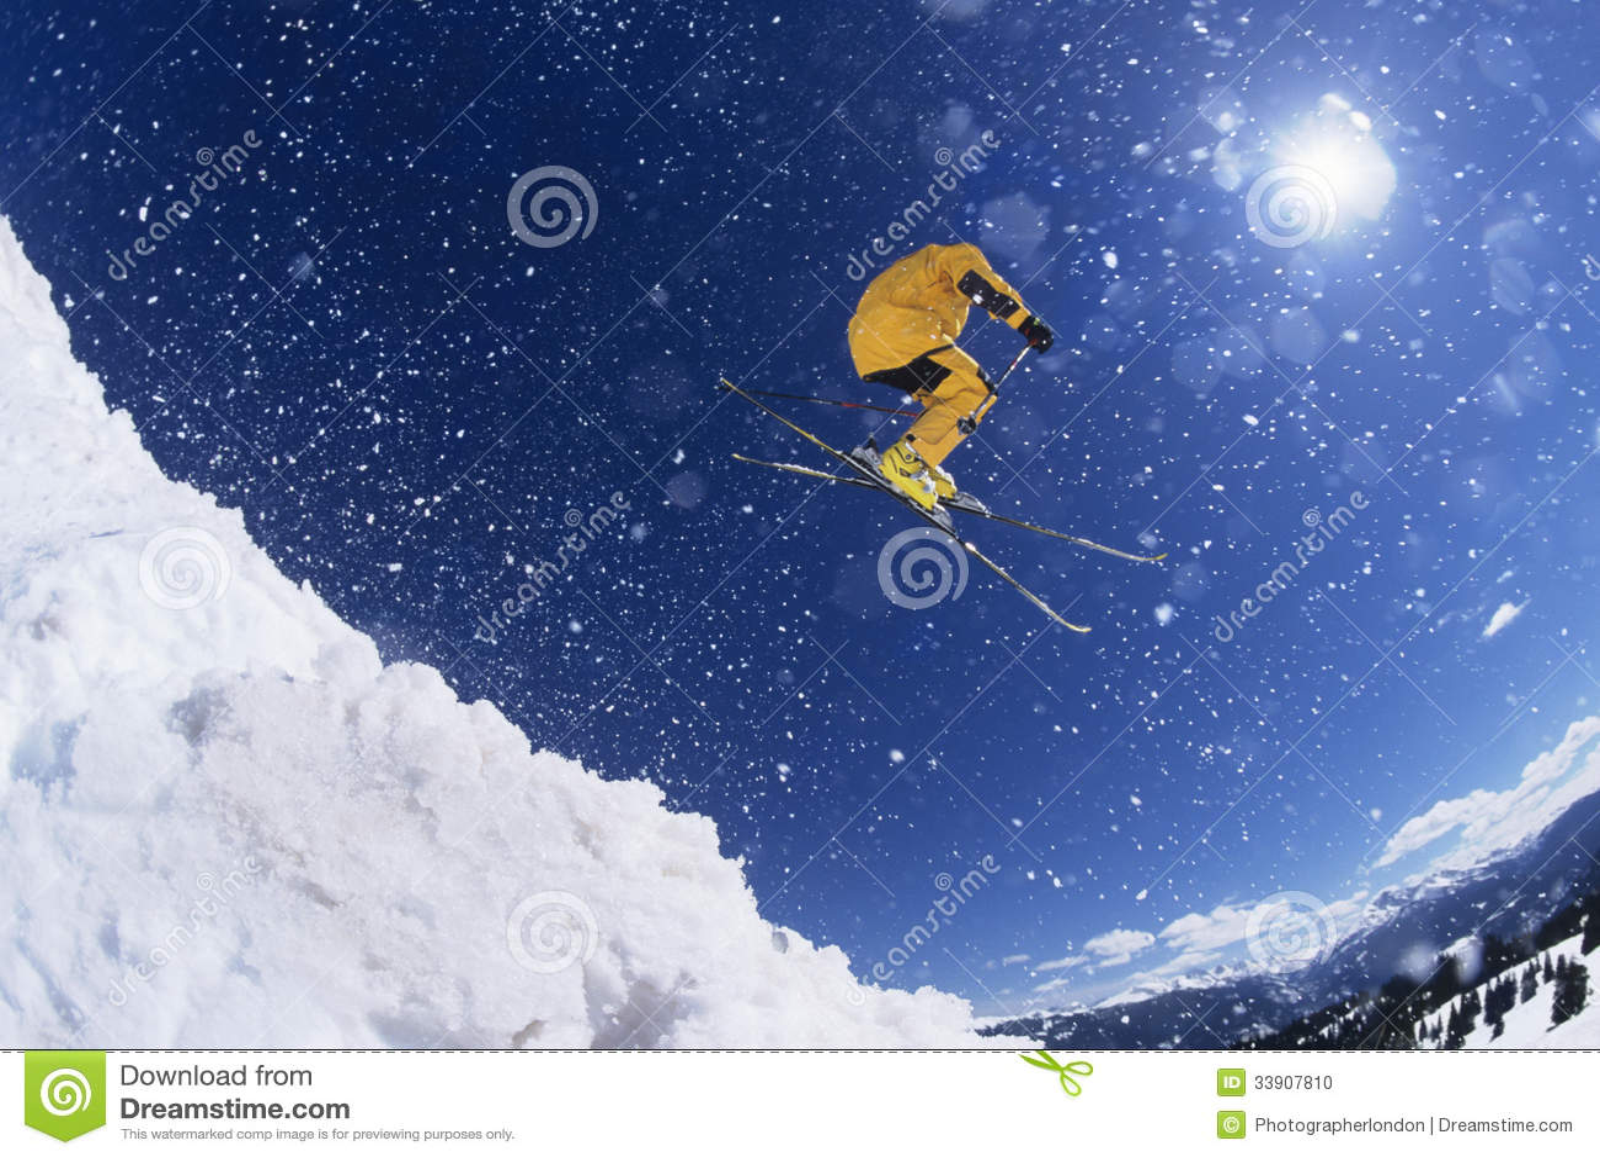 Skifahrer im mitten in der Luft über Schnee